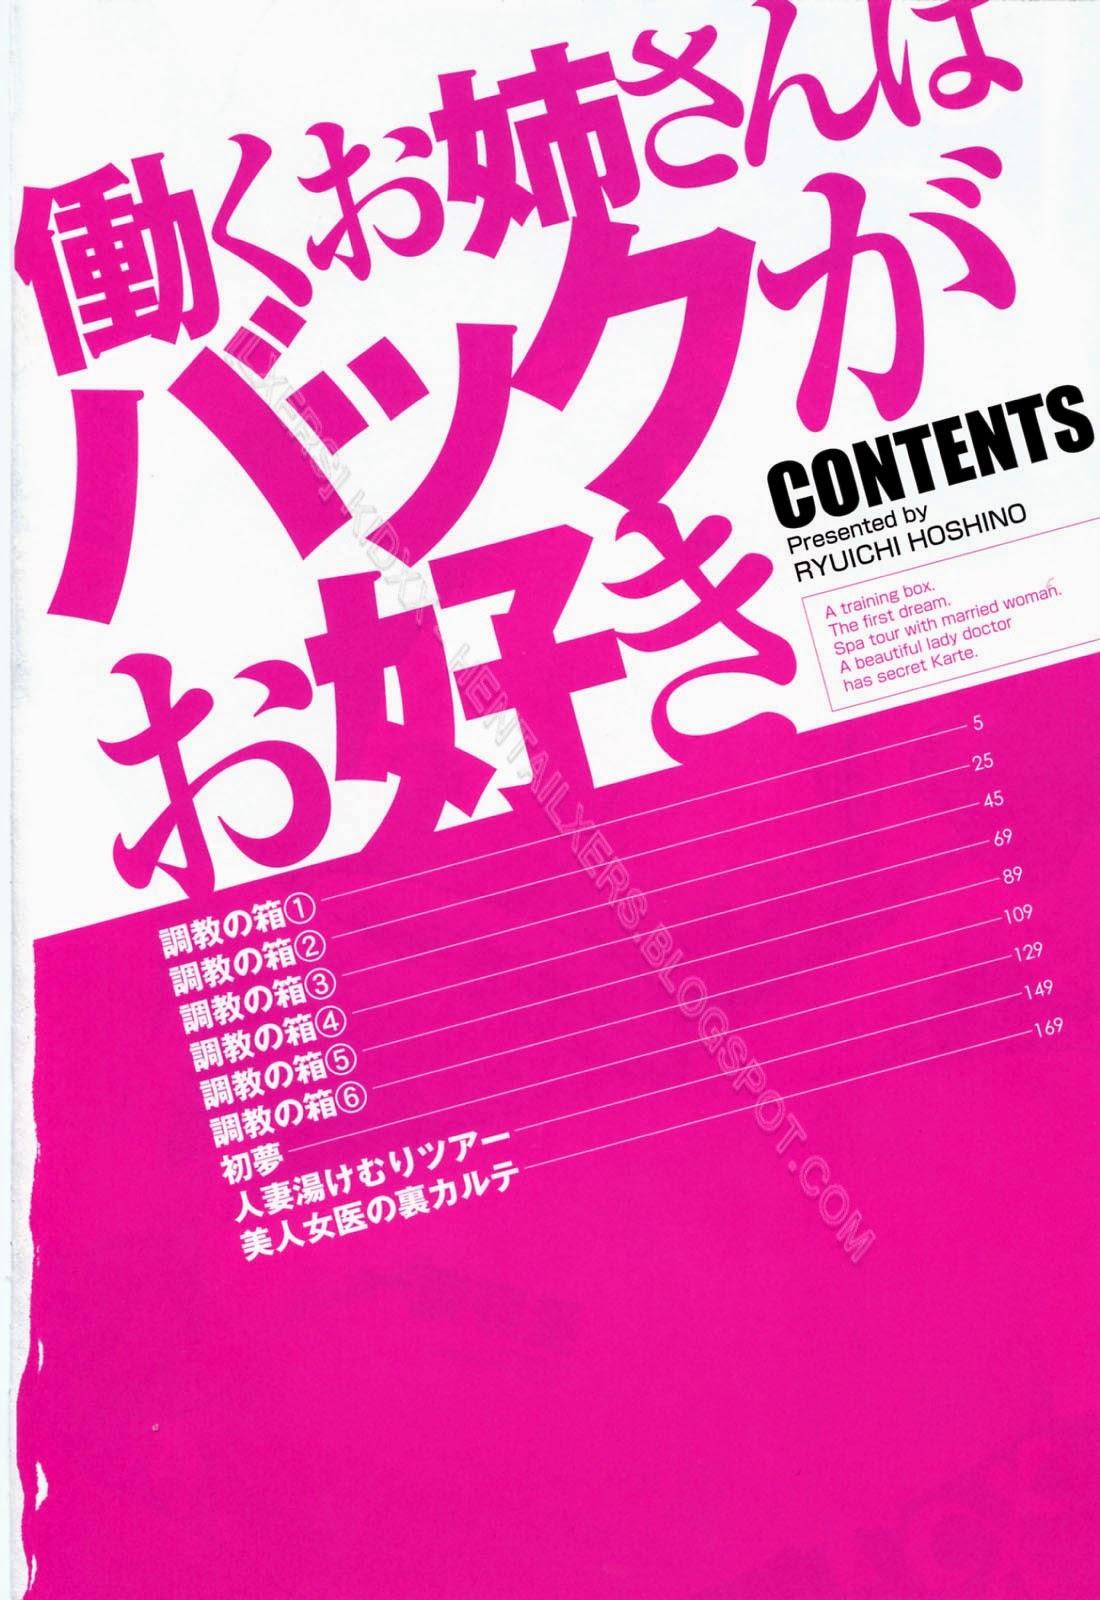 TruyenHay.Com - Ảnh 6 - Hataraku Onee-san wa Back ga Osuki Chapter 1-2